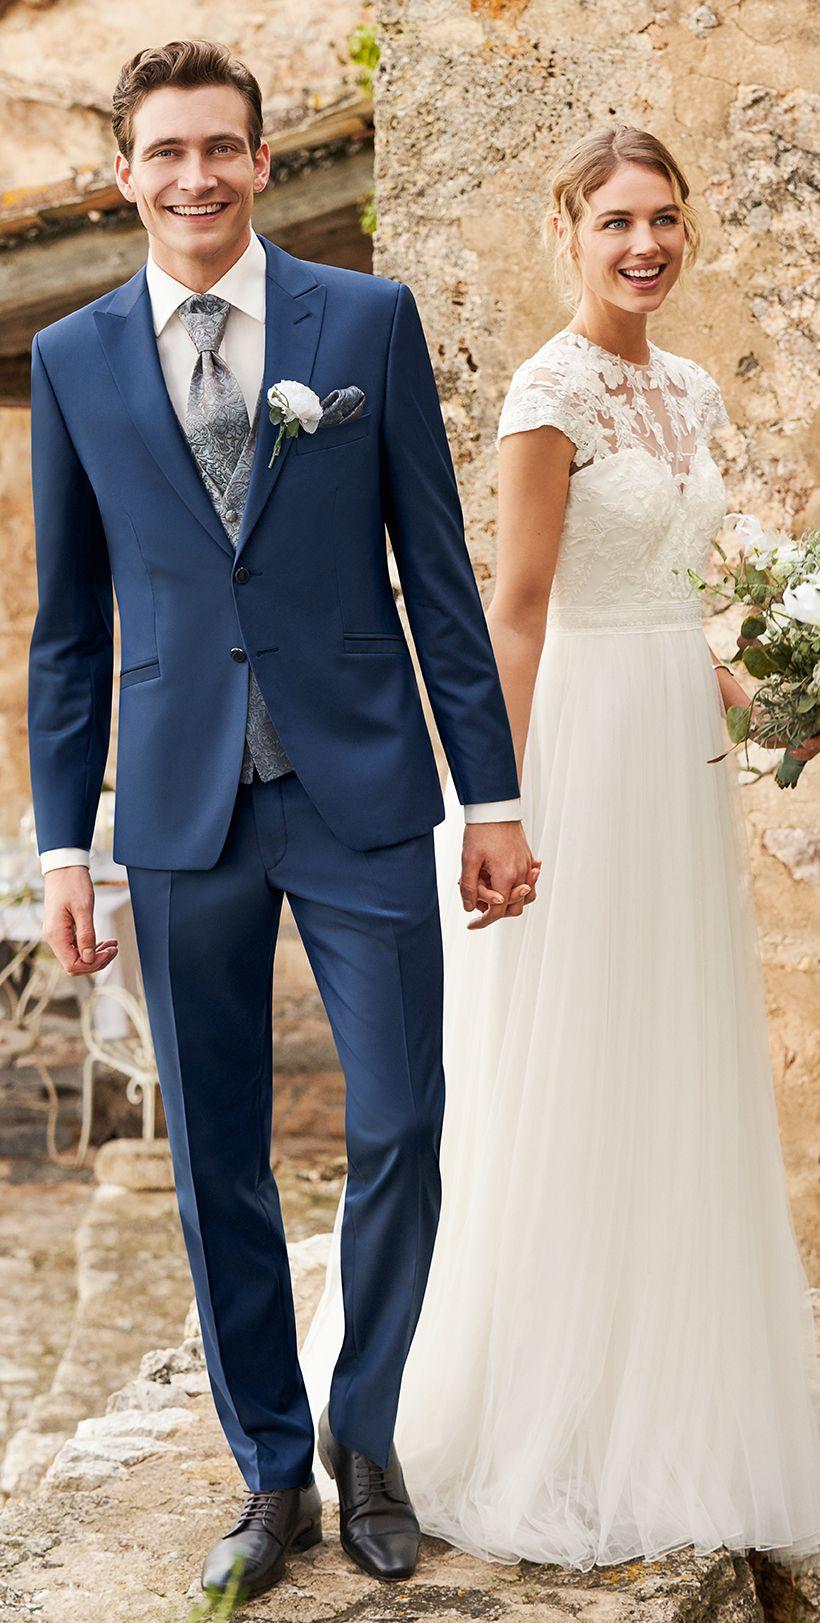 Wilvorst Fur Den Brautigam Hochzeit Brautigam Anzuge Anzug Hochzeit Hochzeit Brautigam